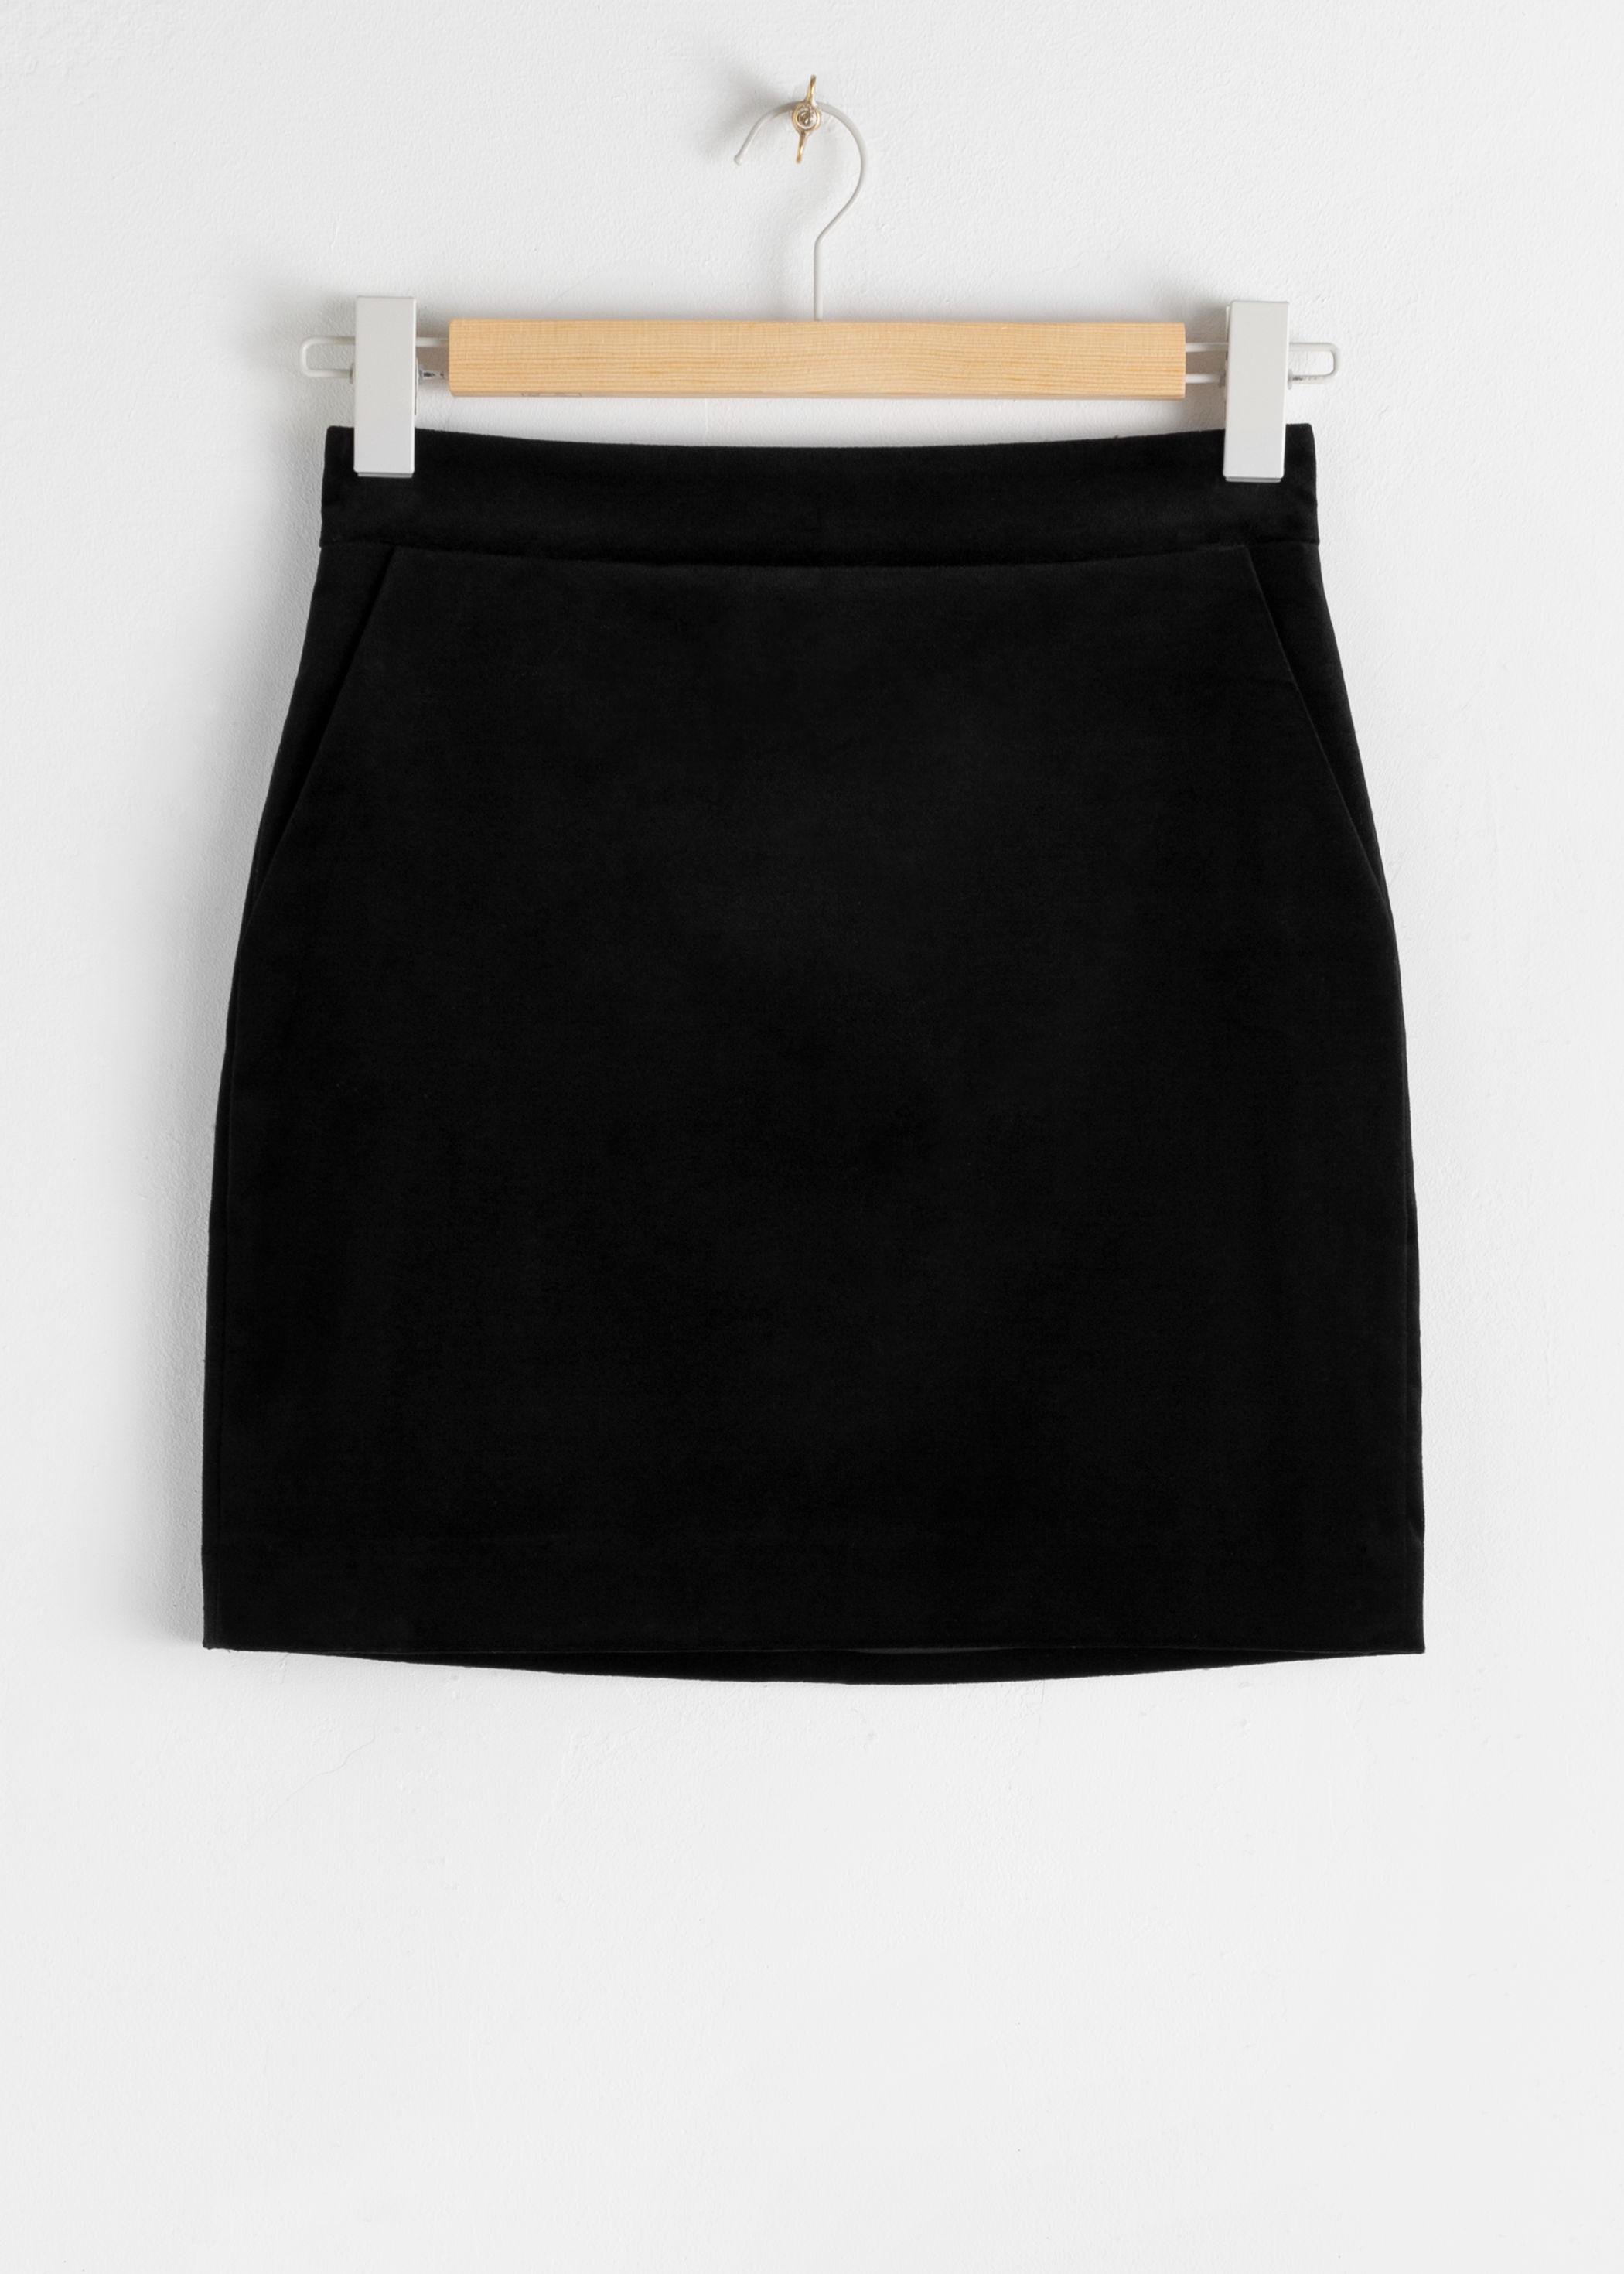 앤 아더 스토리즈 미니 펜슬 스커트 & OTHER STORIES Mini Pencil Skirt,Black